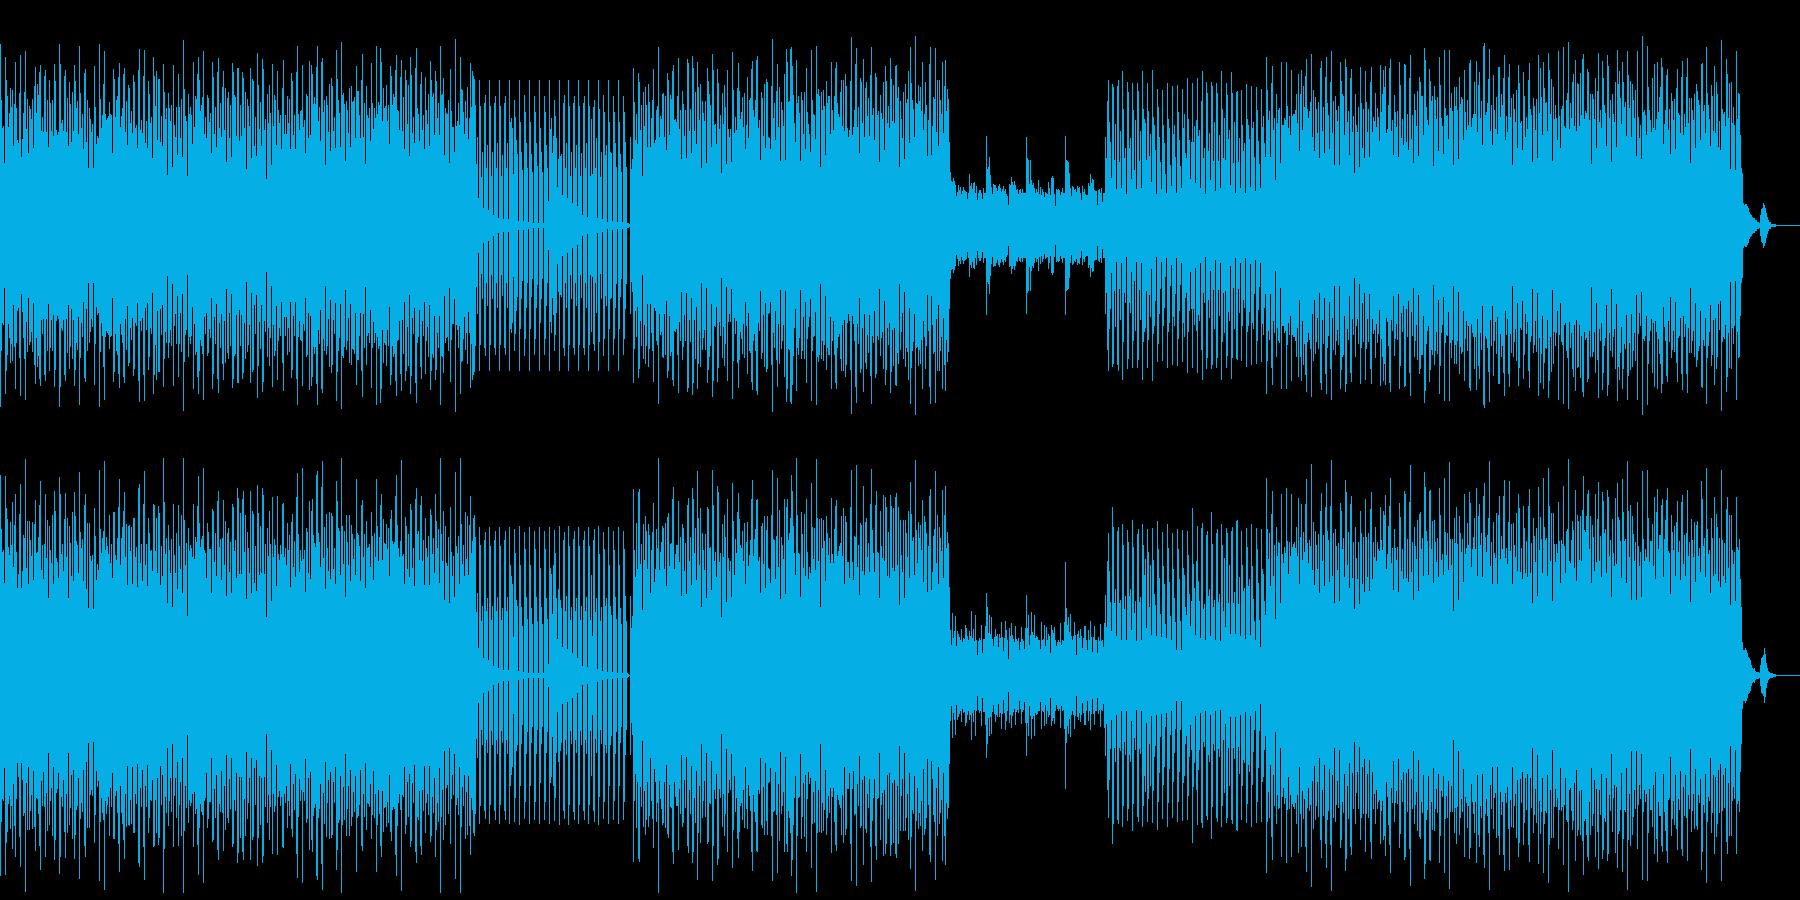 少々重めなテクノの再生済みの波形